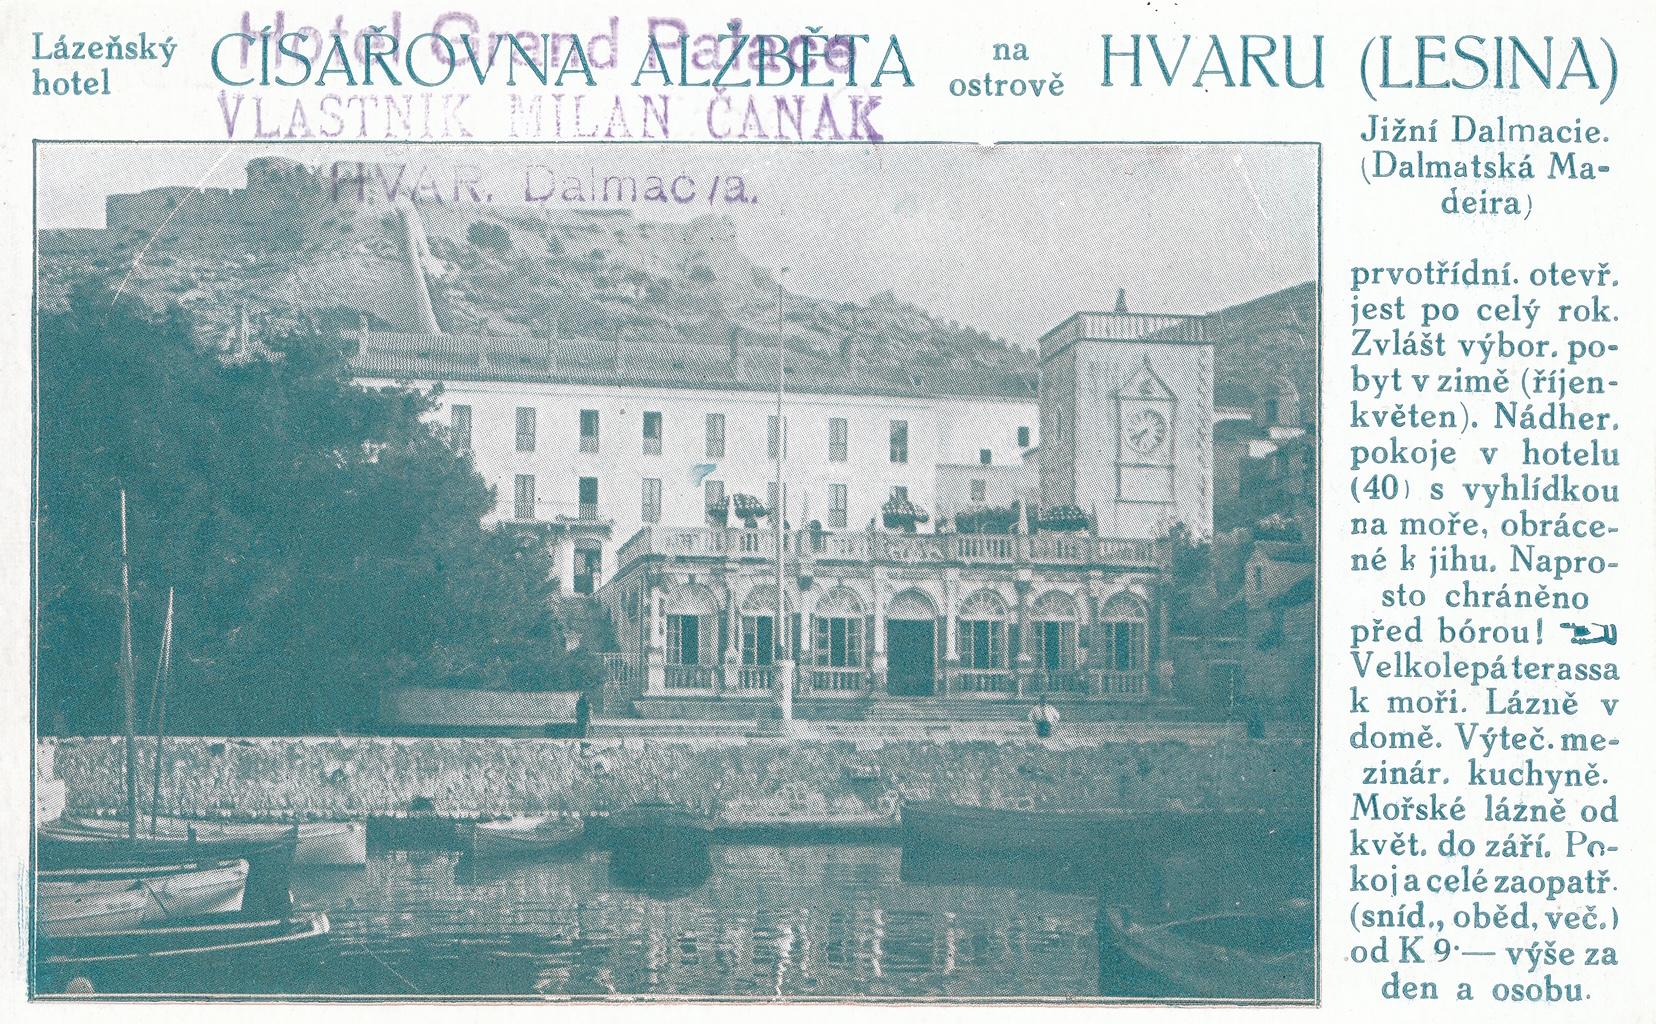 Grand Hotel Palace, Hvar, Croatia, photo credit by Siniša Matković-Mikulčić, Secret Hvar agency